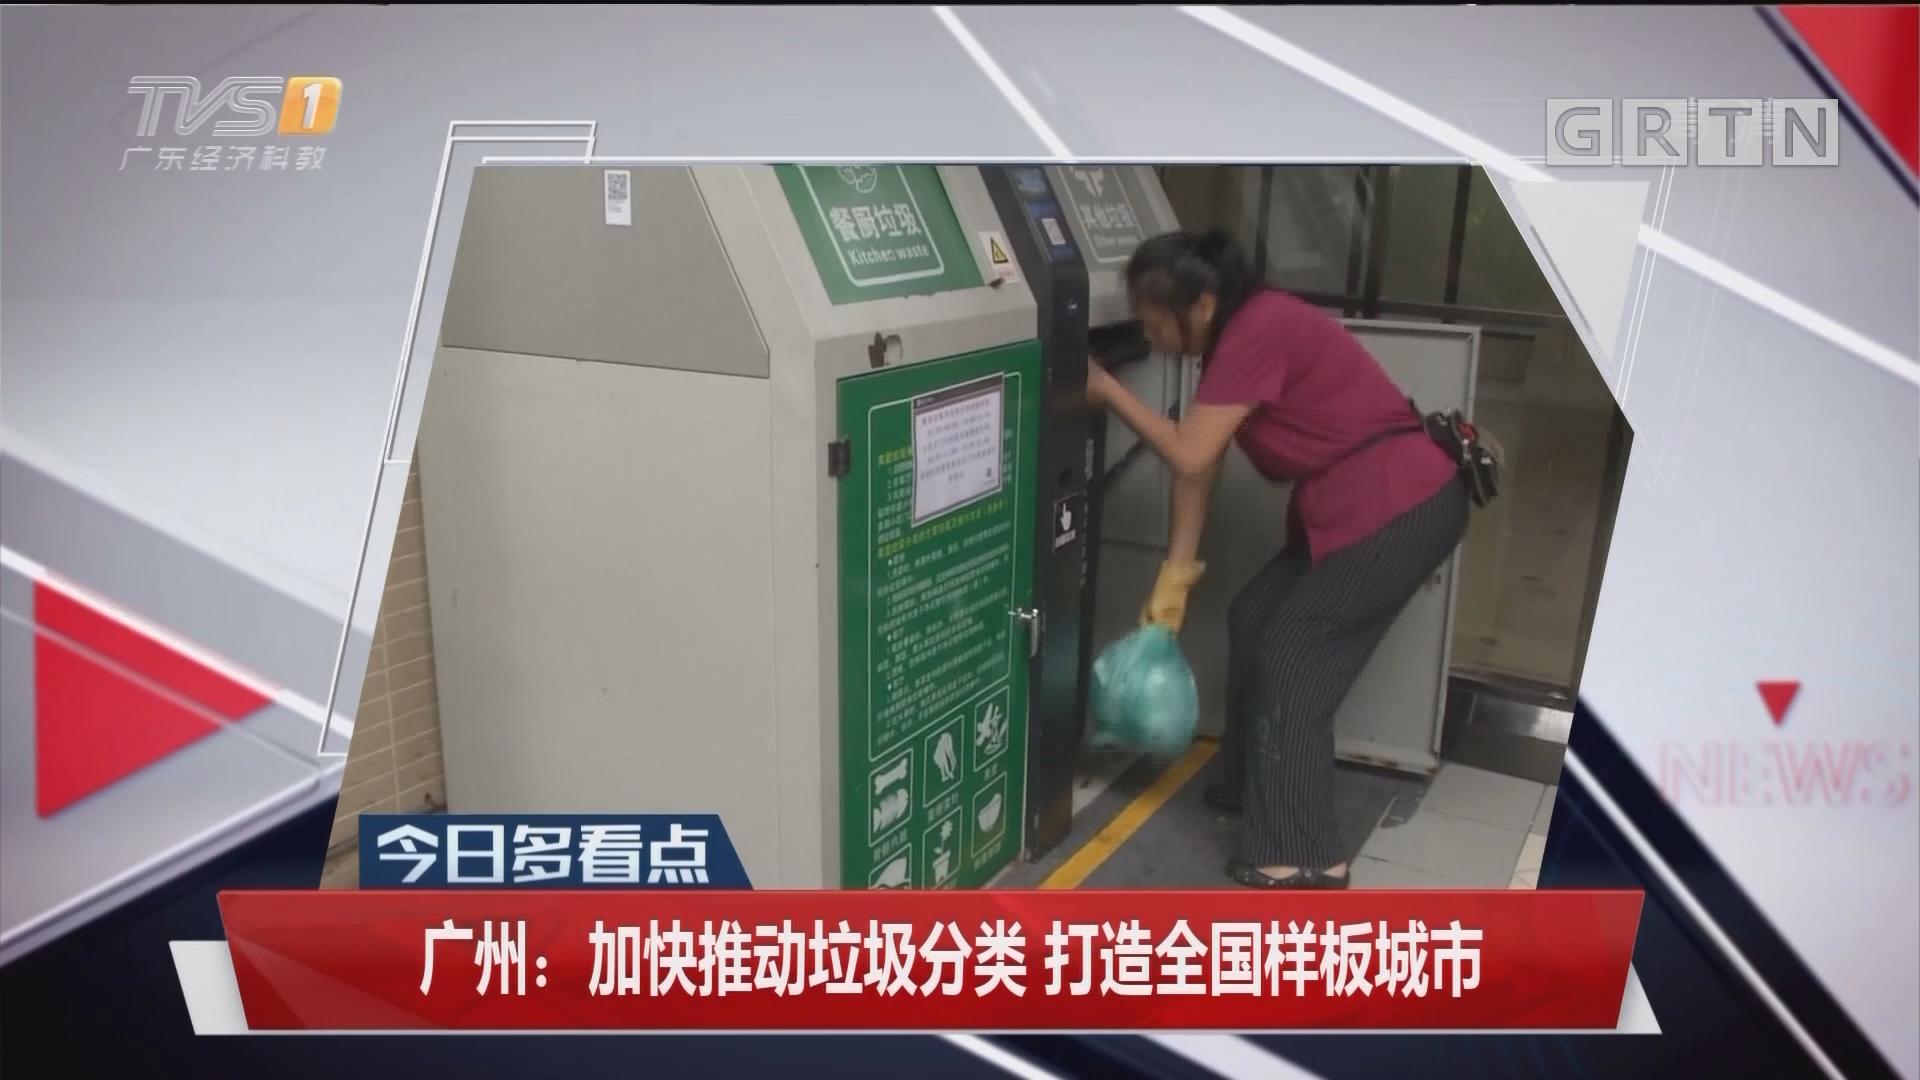 广州:加快推动垃圾分类 打造全国样板城市